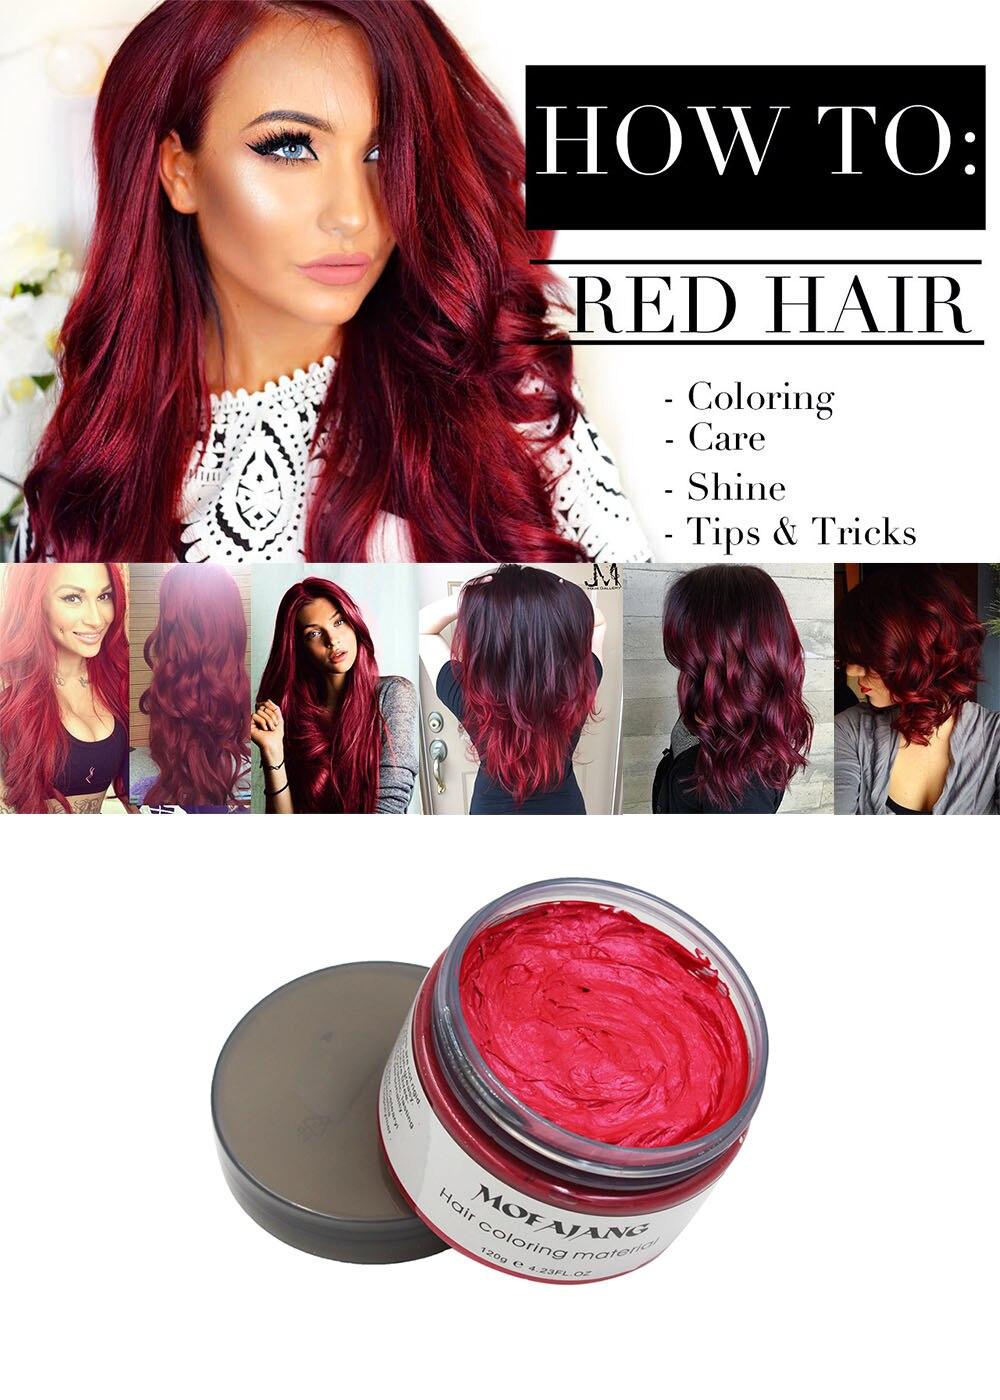 Mofajang cor cera de cabelo estilo pomada